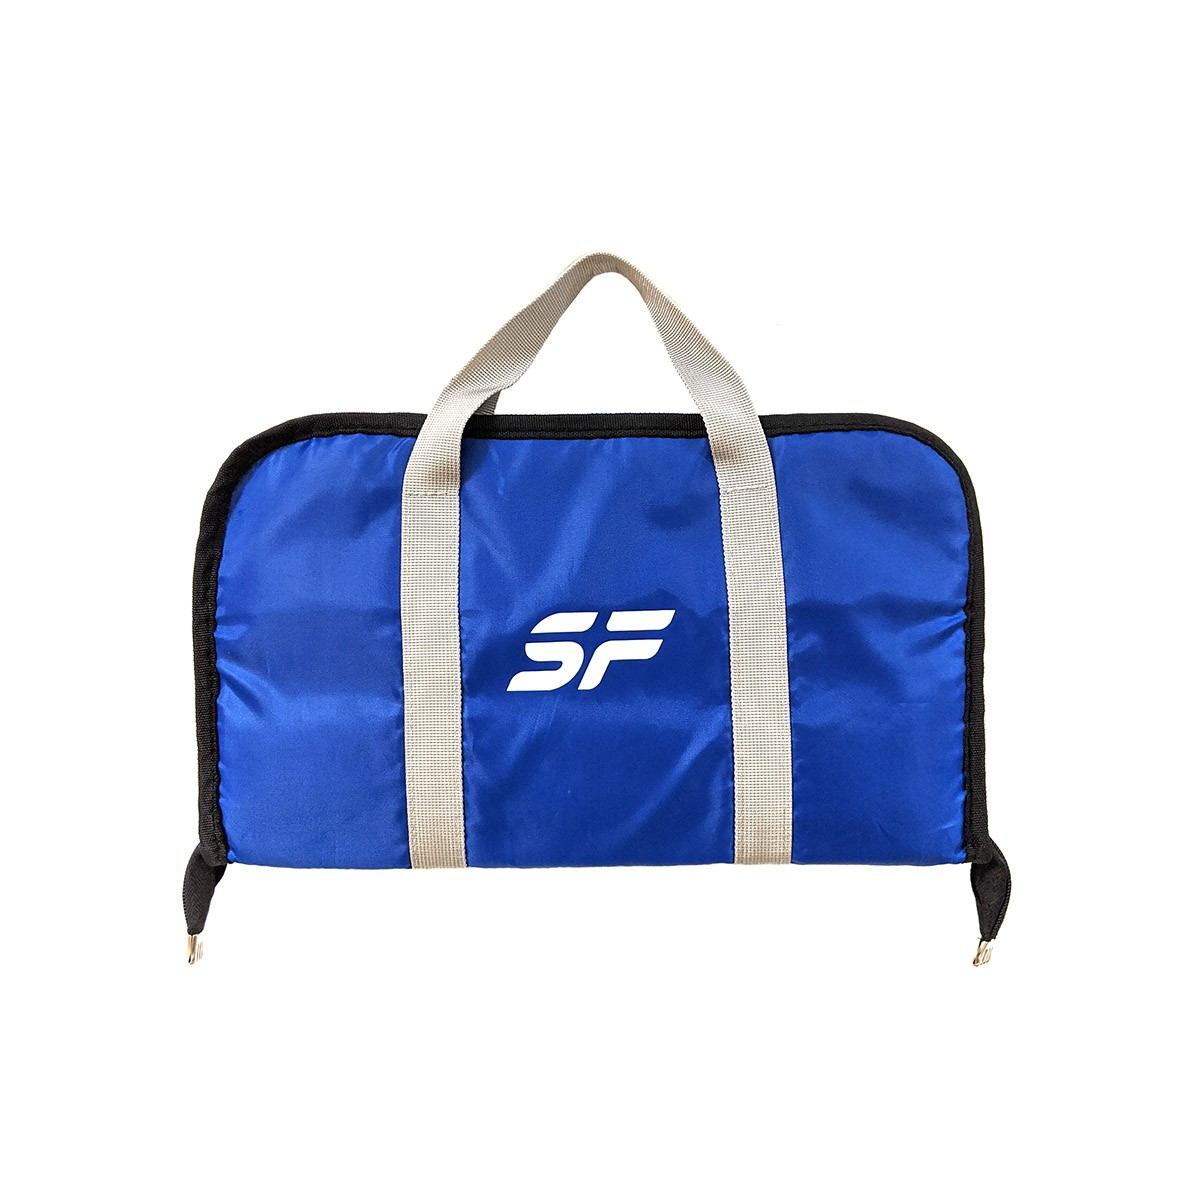 Органайзер SF Archery Premium Accessory Bag синій (вітринний екземпляр)